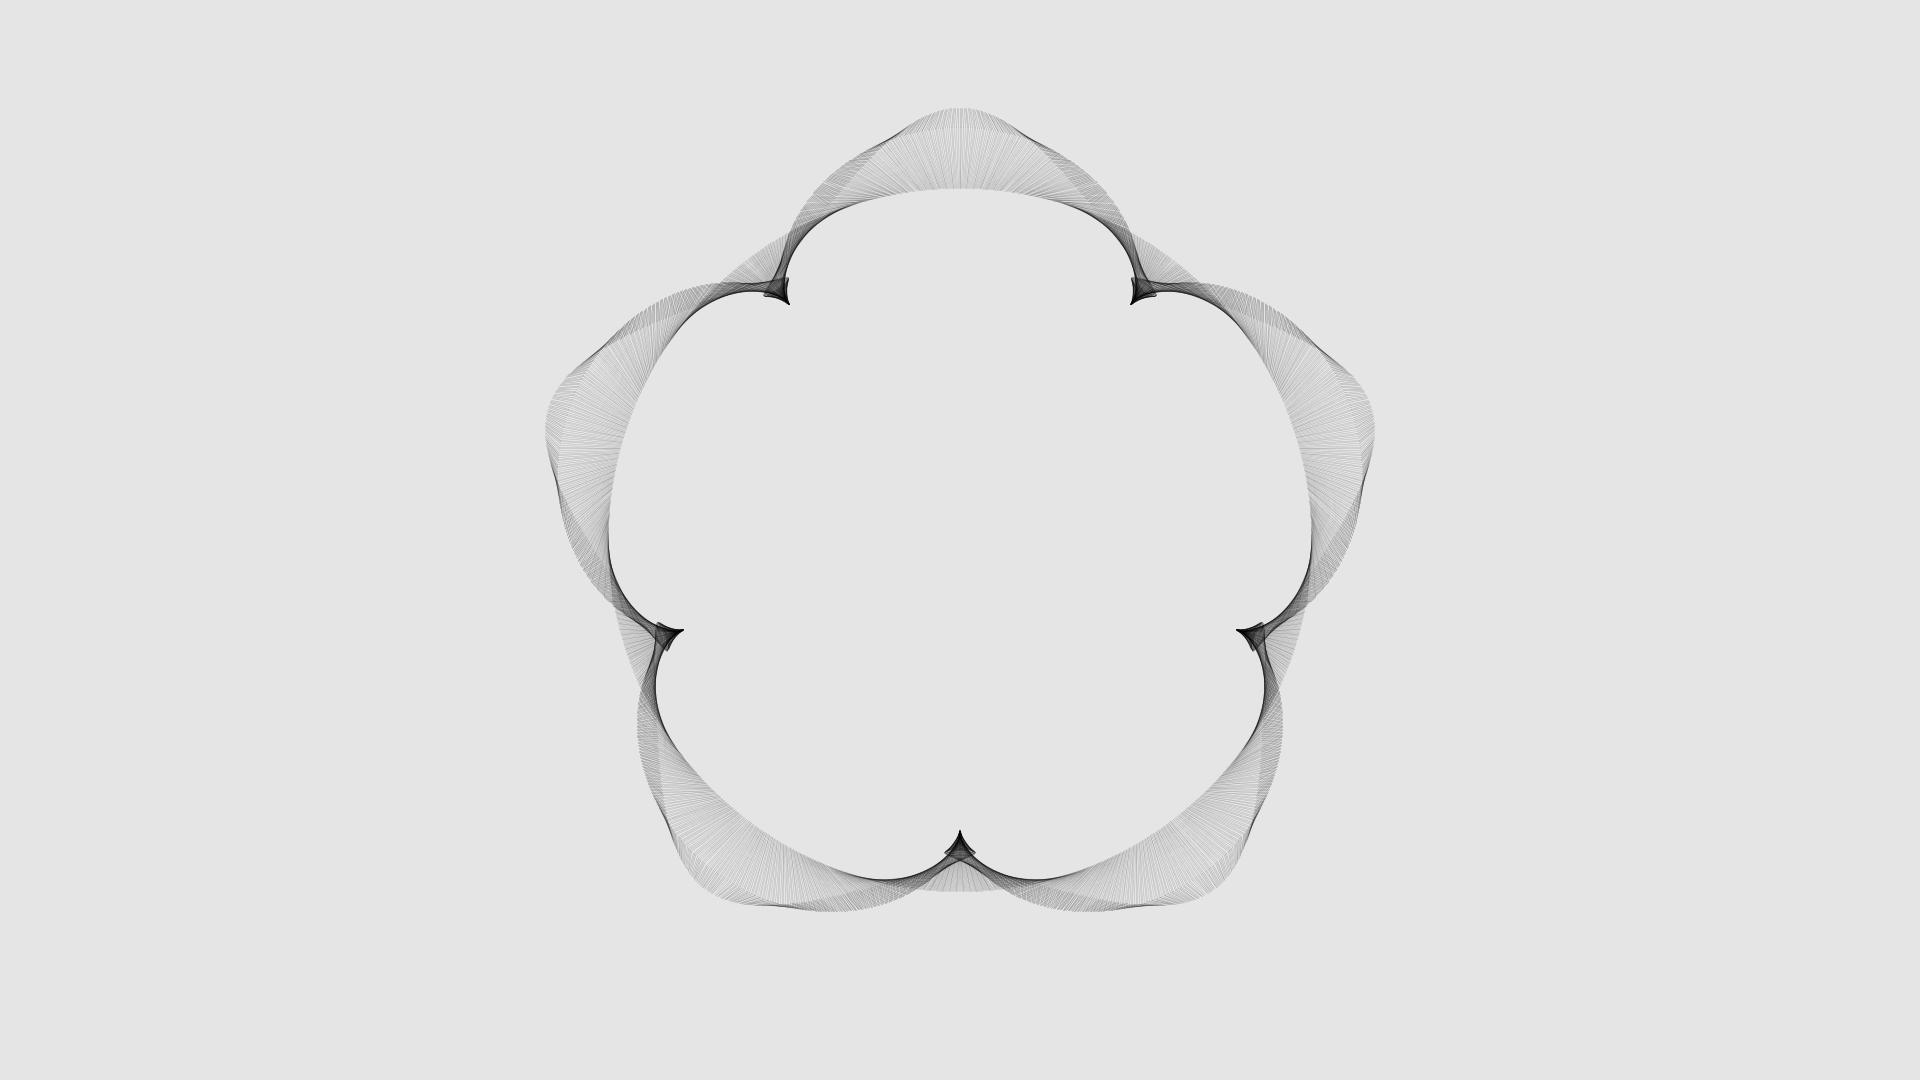 orrery-showlines-moonlet_retrograde-M3E5-F2535-507-169-O351.71625-60.90784-19.375906-D99.0-43.0-13.0.png